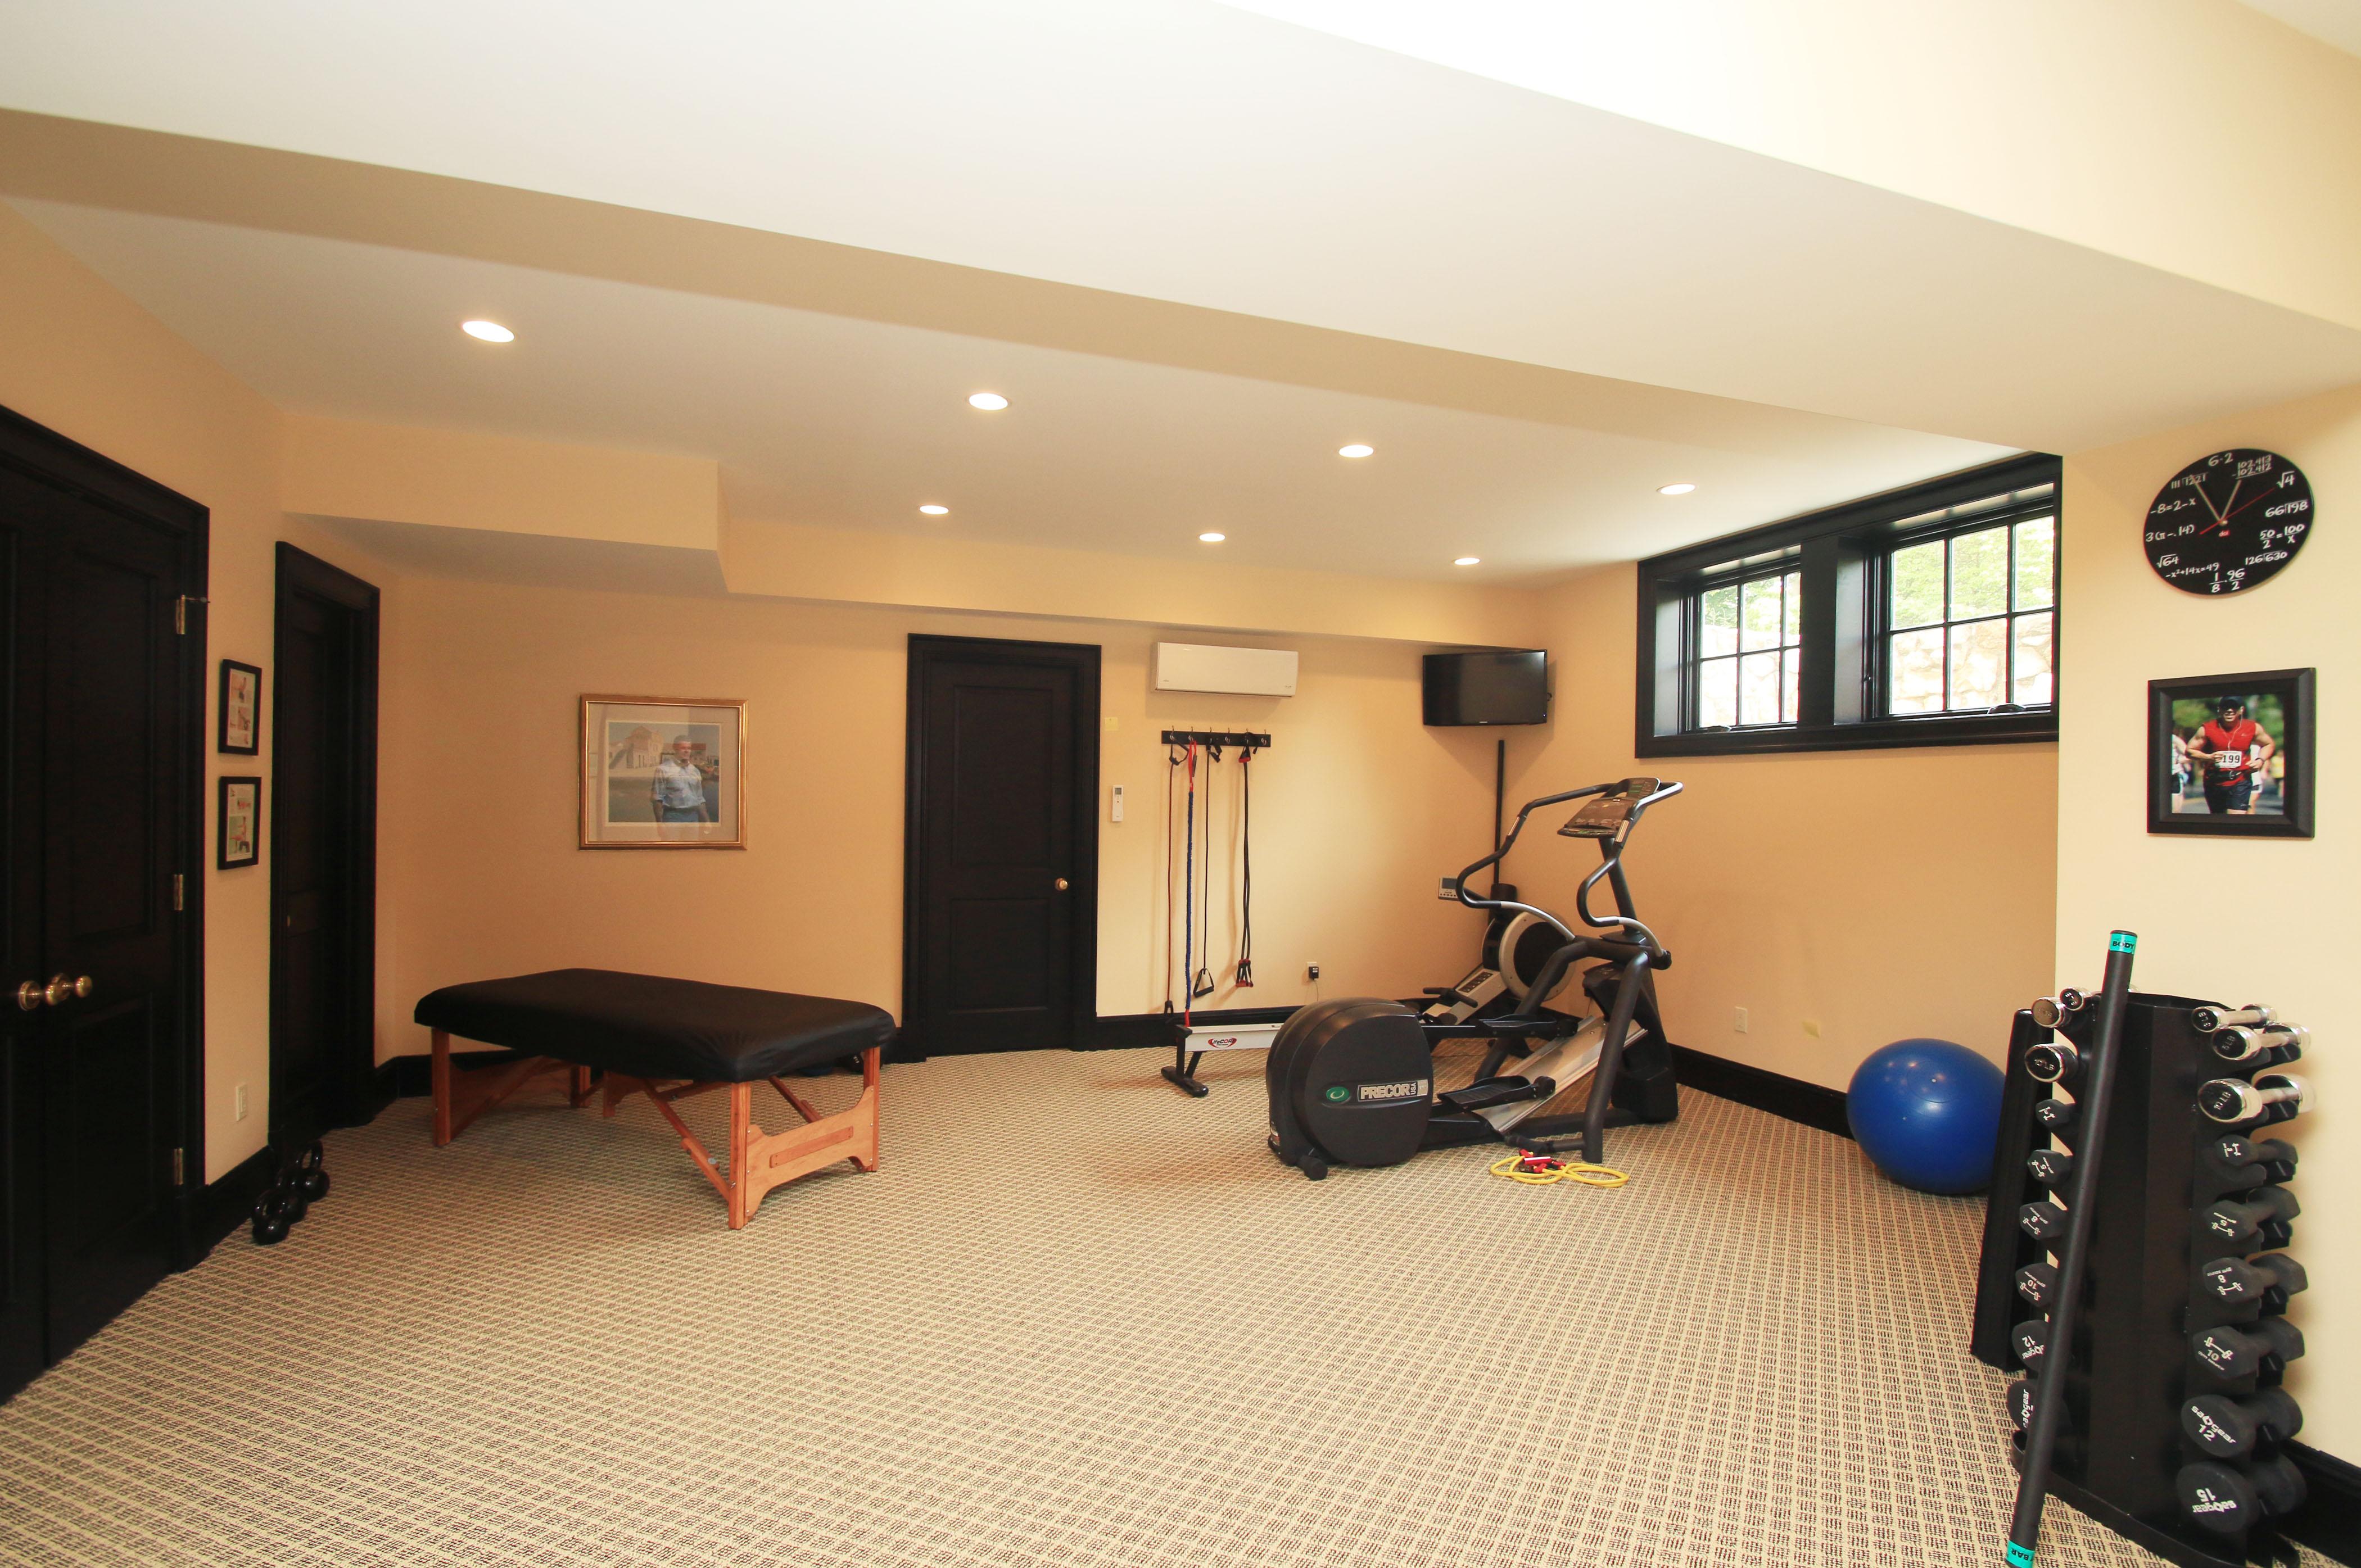 Lower level/gym